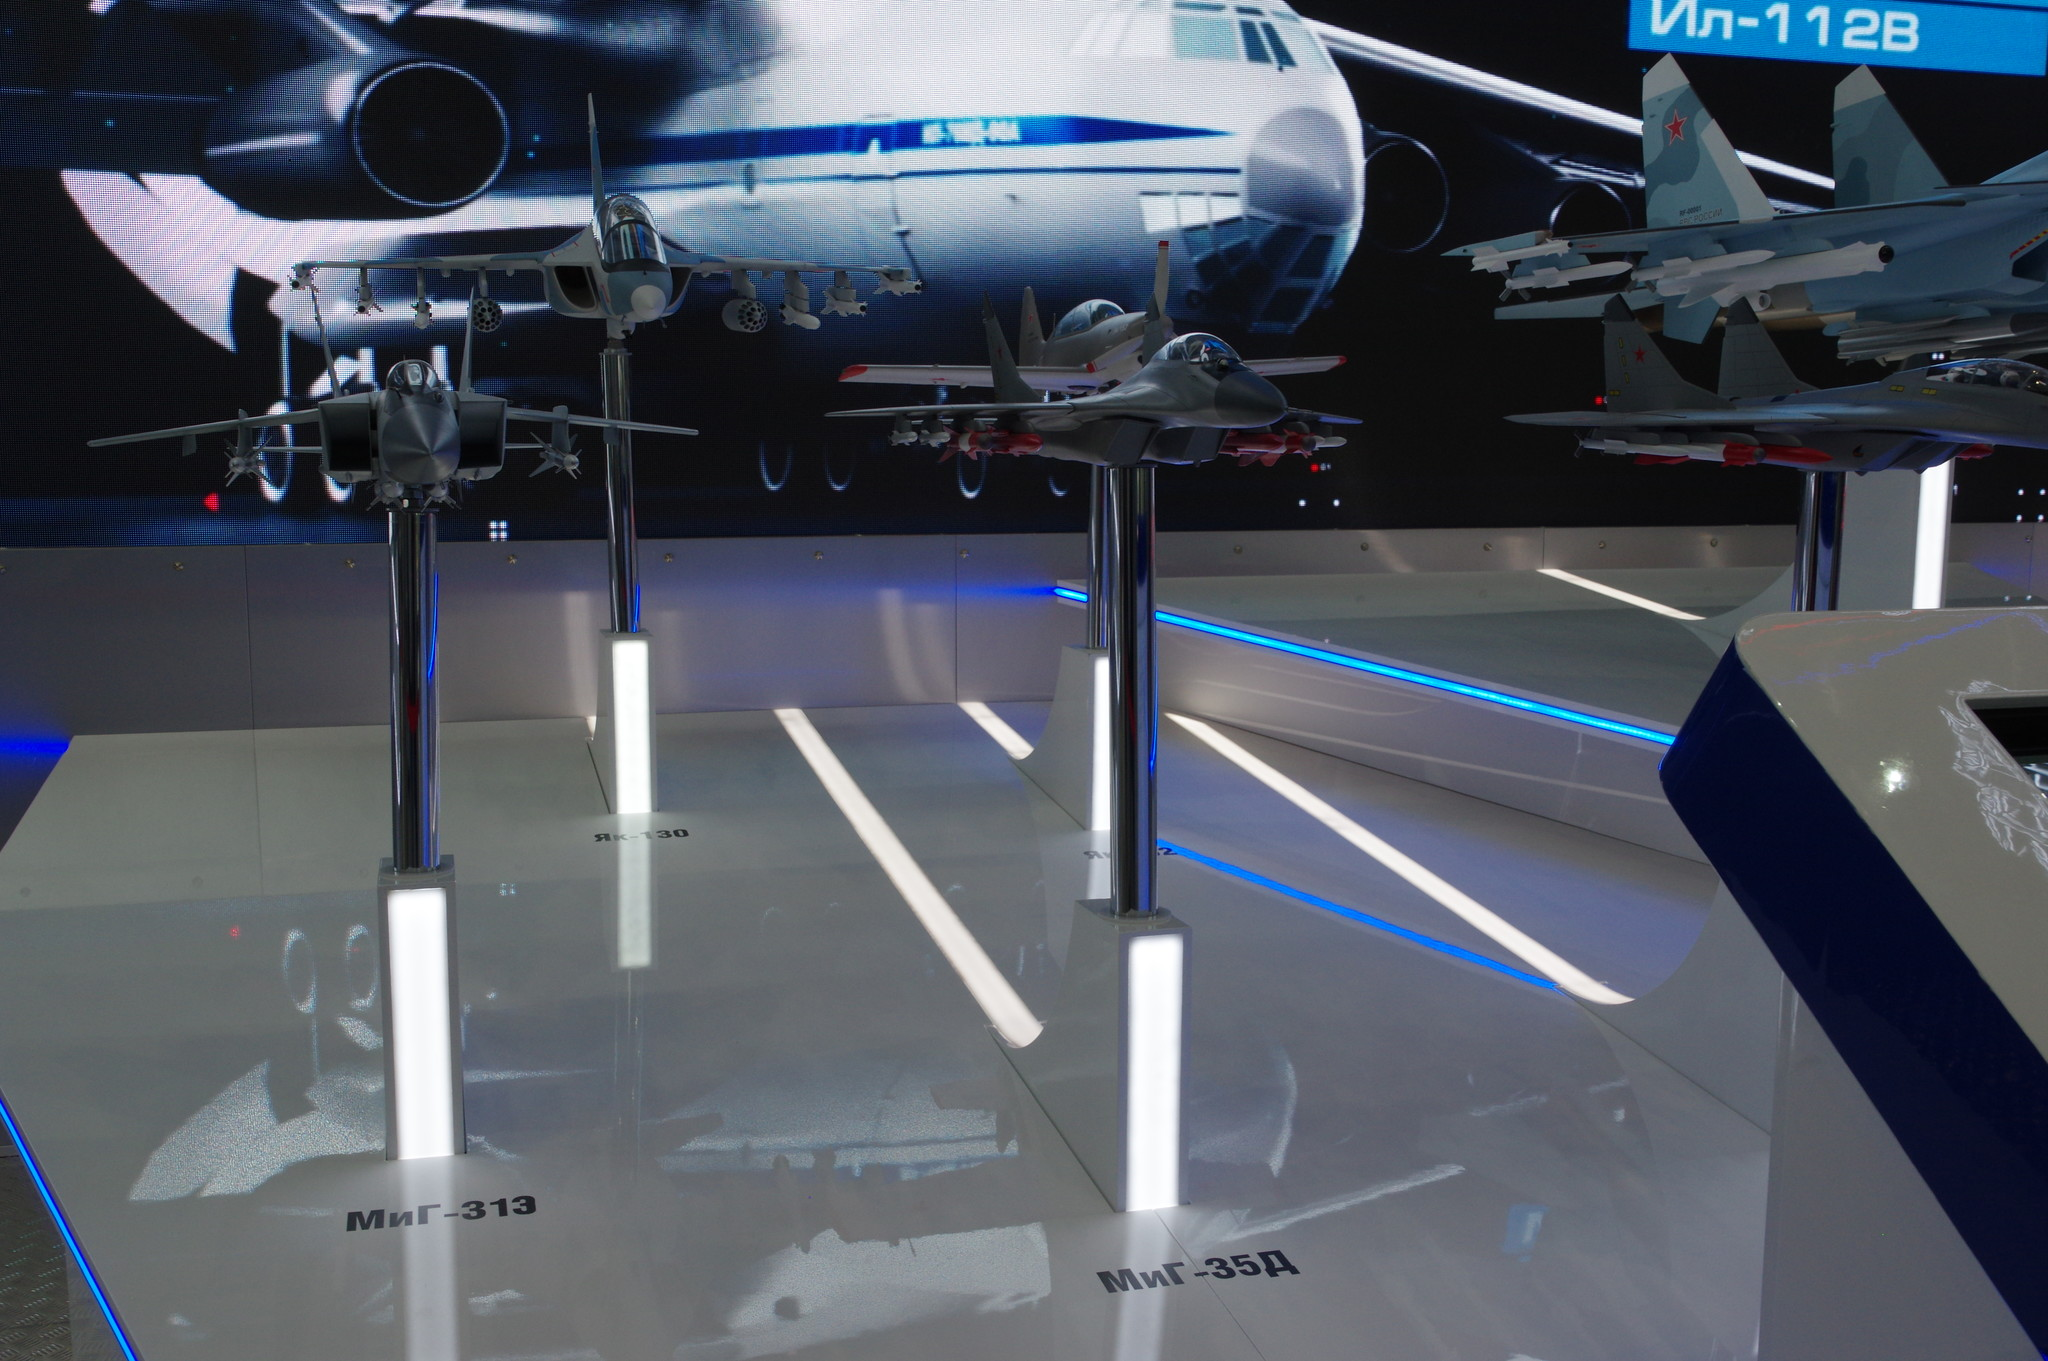 Модели самолётов МиГ-35Д, МиГ-31Э и Як-130